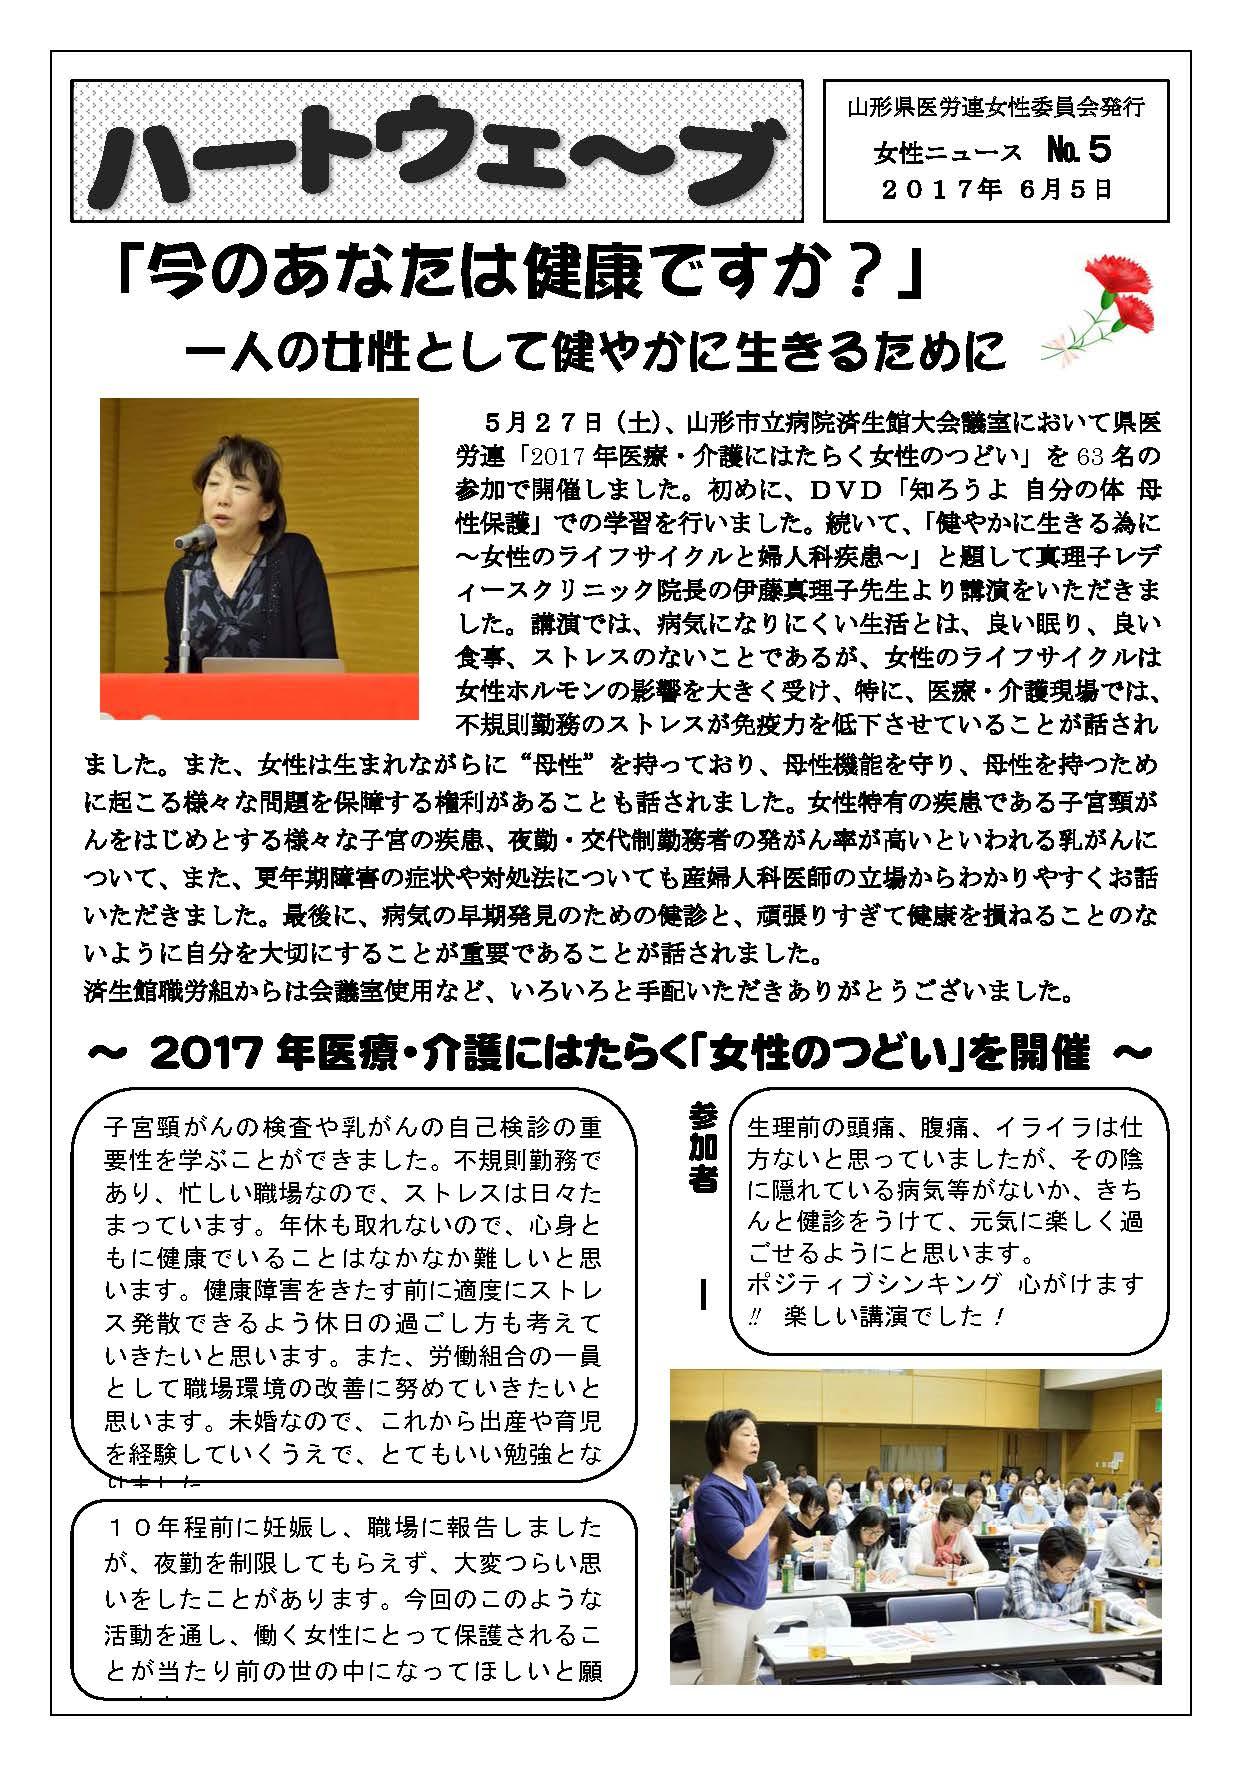 23山形県女性ニュースハートウェーブ№5「女性のつどい」.jpg